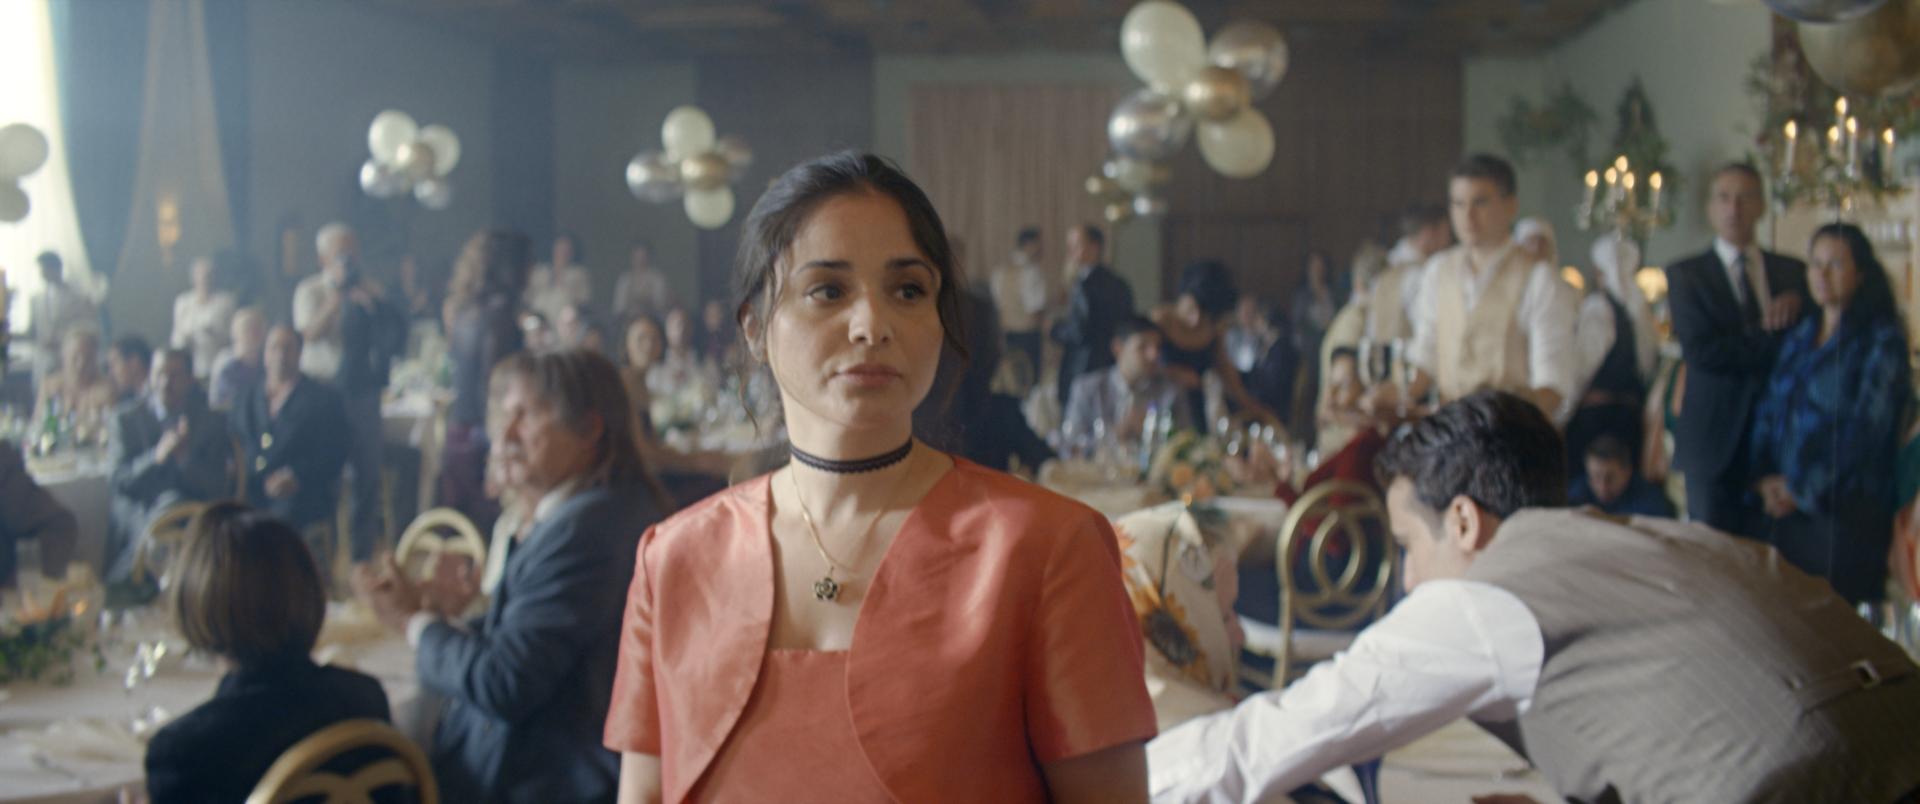 Berlinale 2021: Zwischen Selbstbestimmung und Selbstverleugnung: Asli. Foto: Christopher Aoun/Razor Film 2021